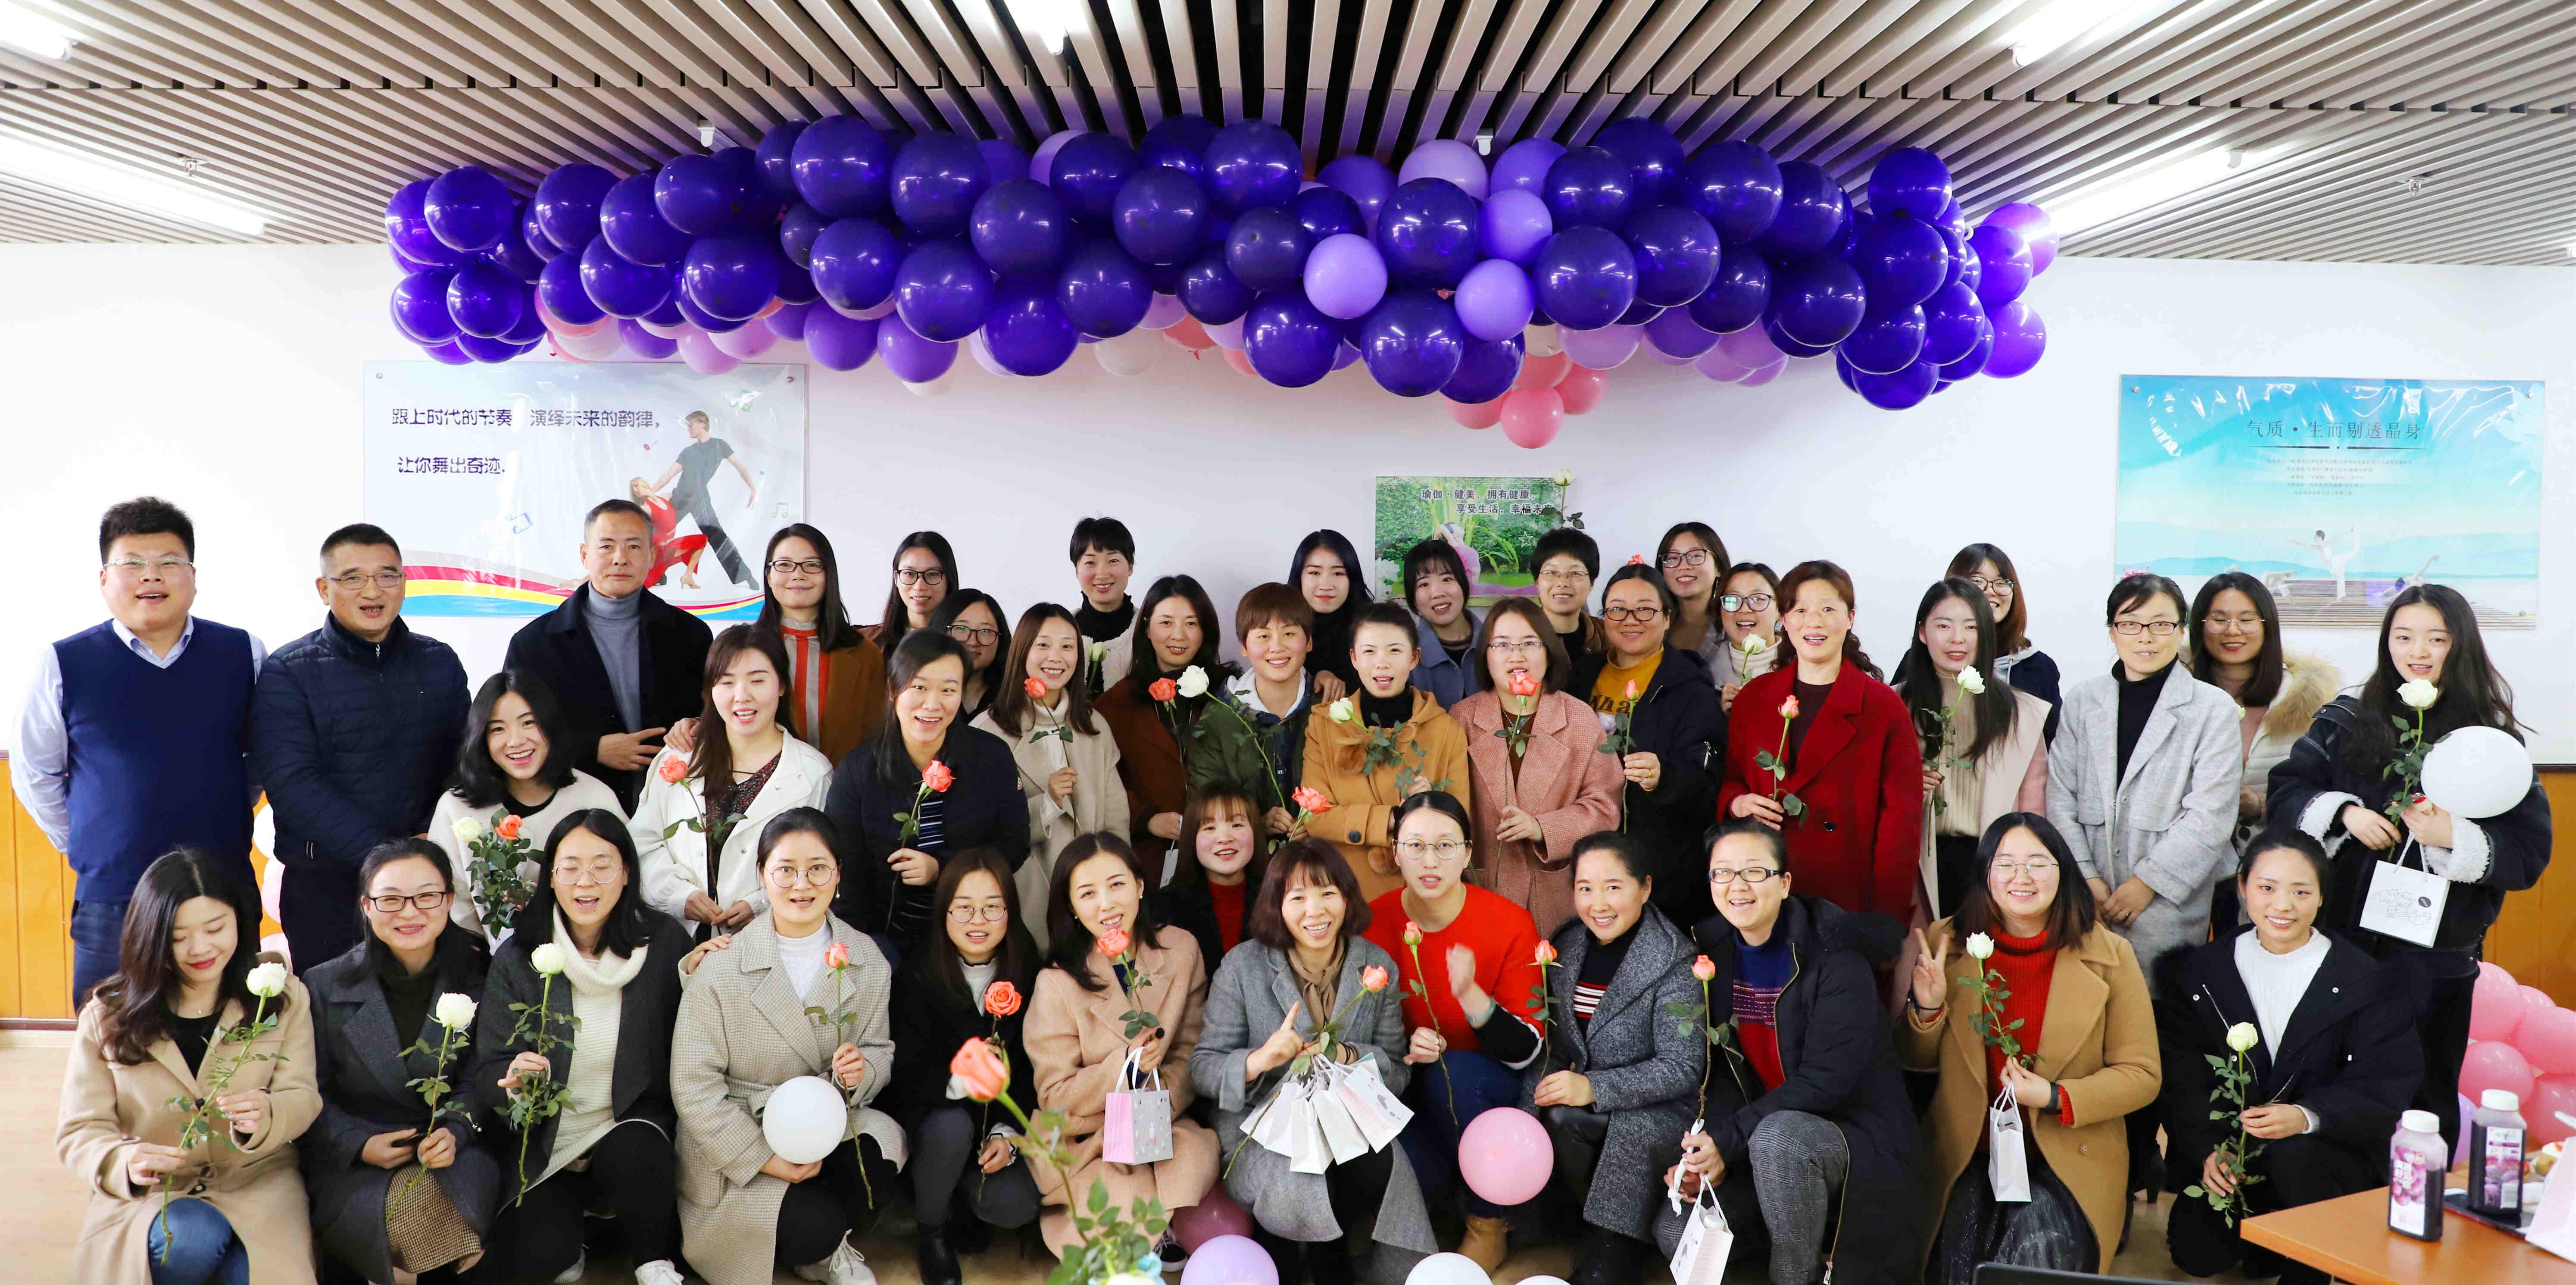 """助力职场女性成长 集团工会举办""""女神节""""暖心活动"""